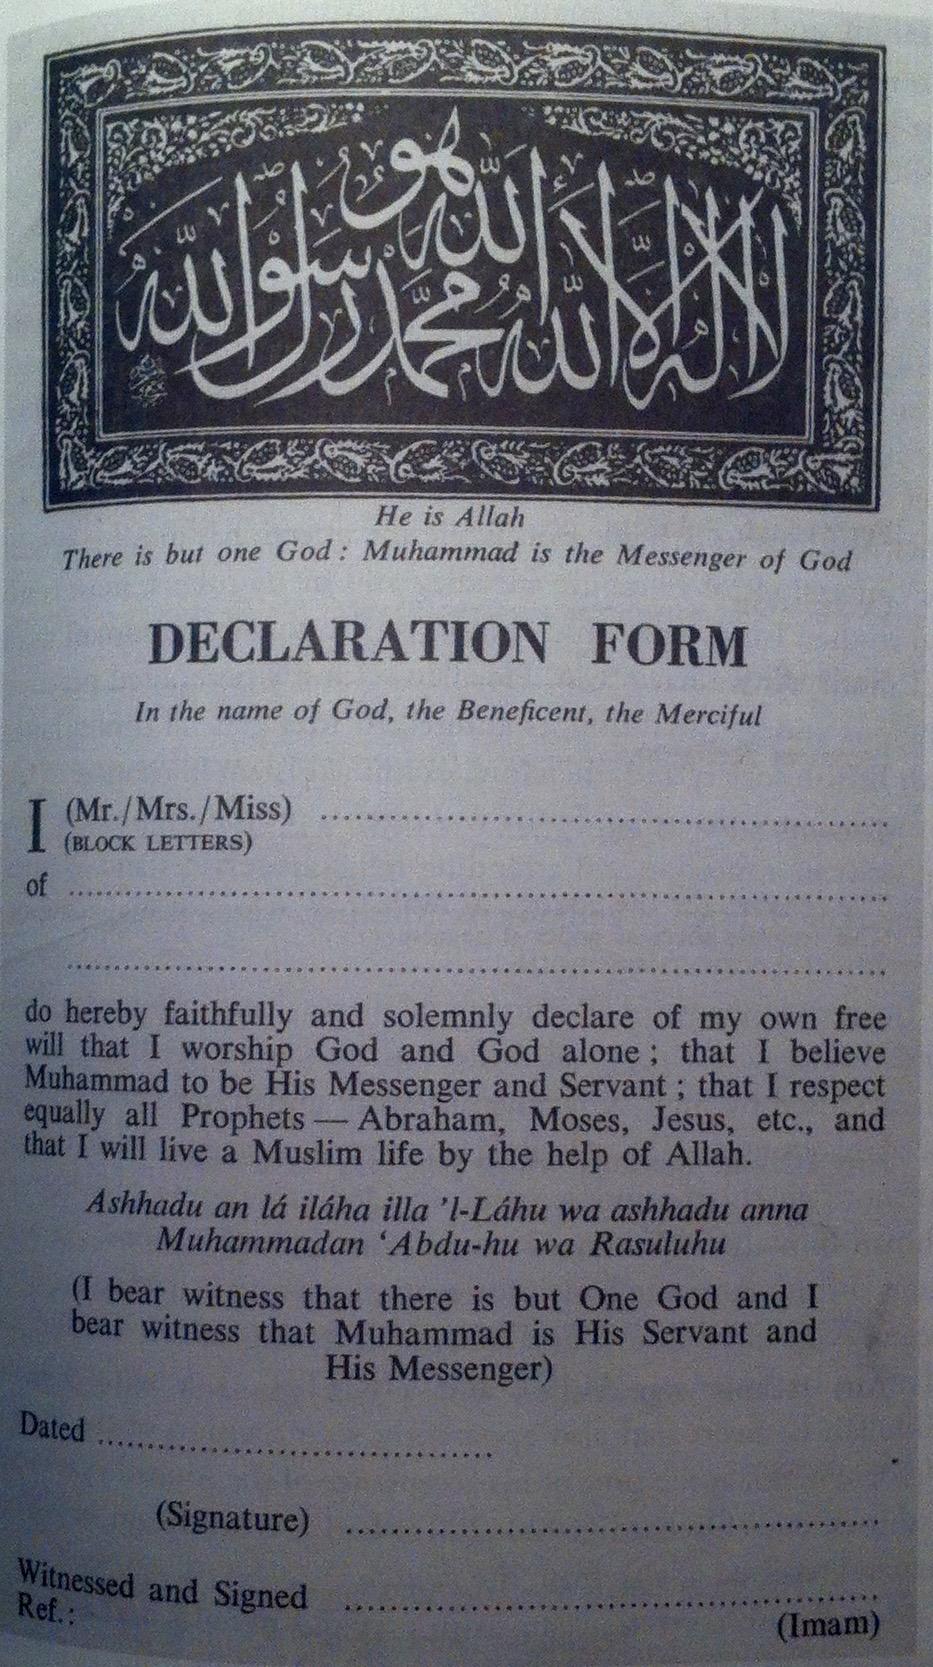 Formulaire de conversion, Woquin Muslim Mission, v. 1940 dans J. Gilham, Loyal Enemies, p. 143.